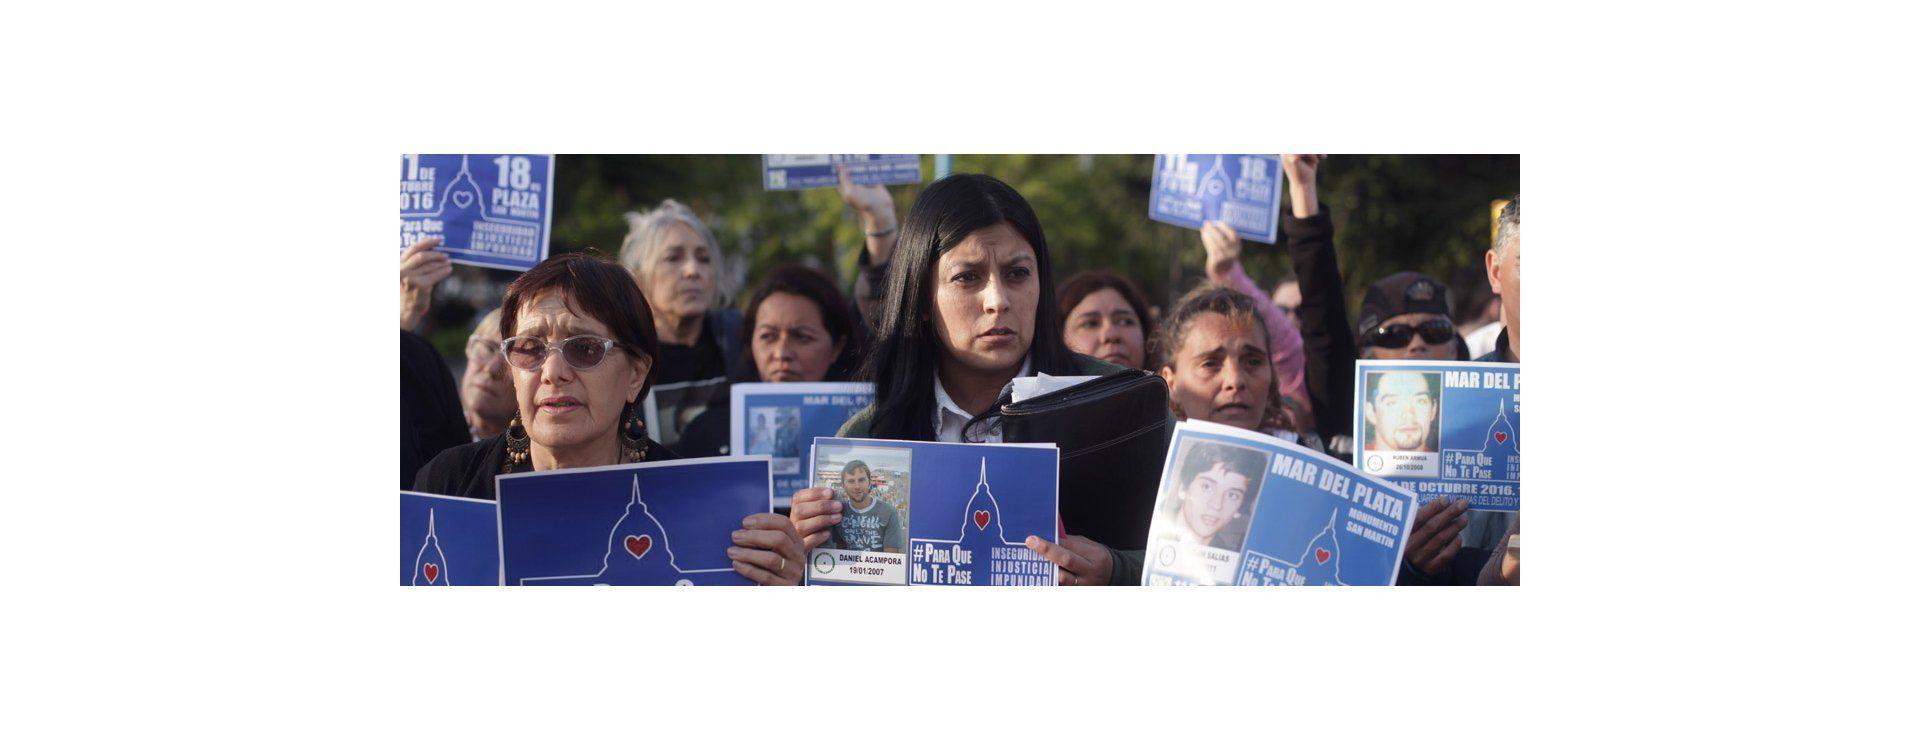 Miles de personas marcharon contra la inseguridad bajo la consigna #ParaQueNoTePase